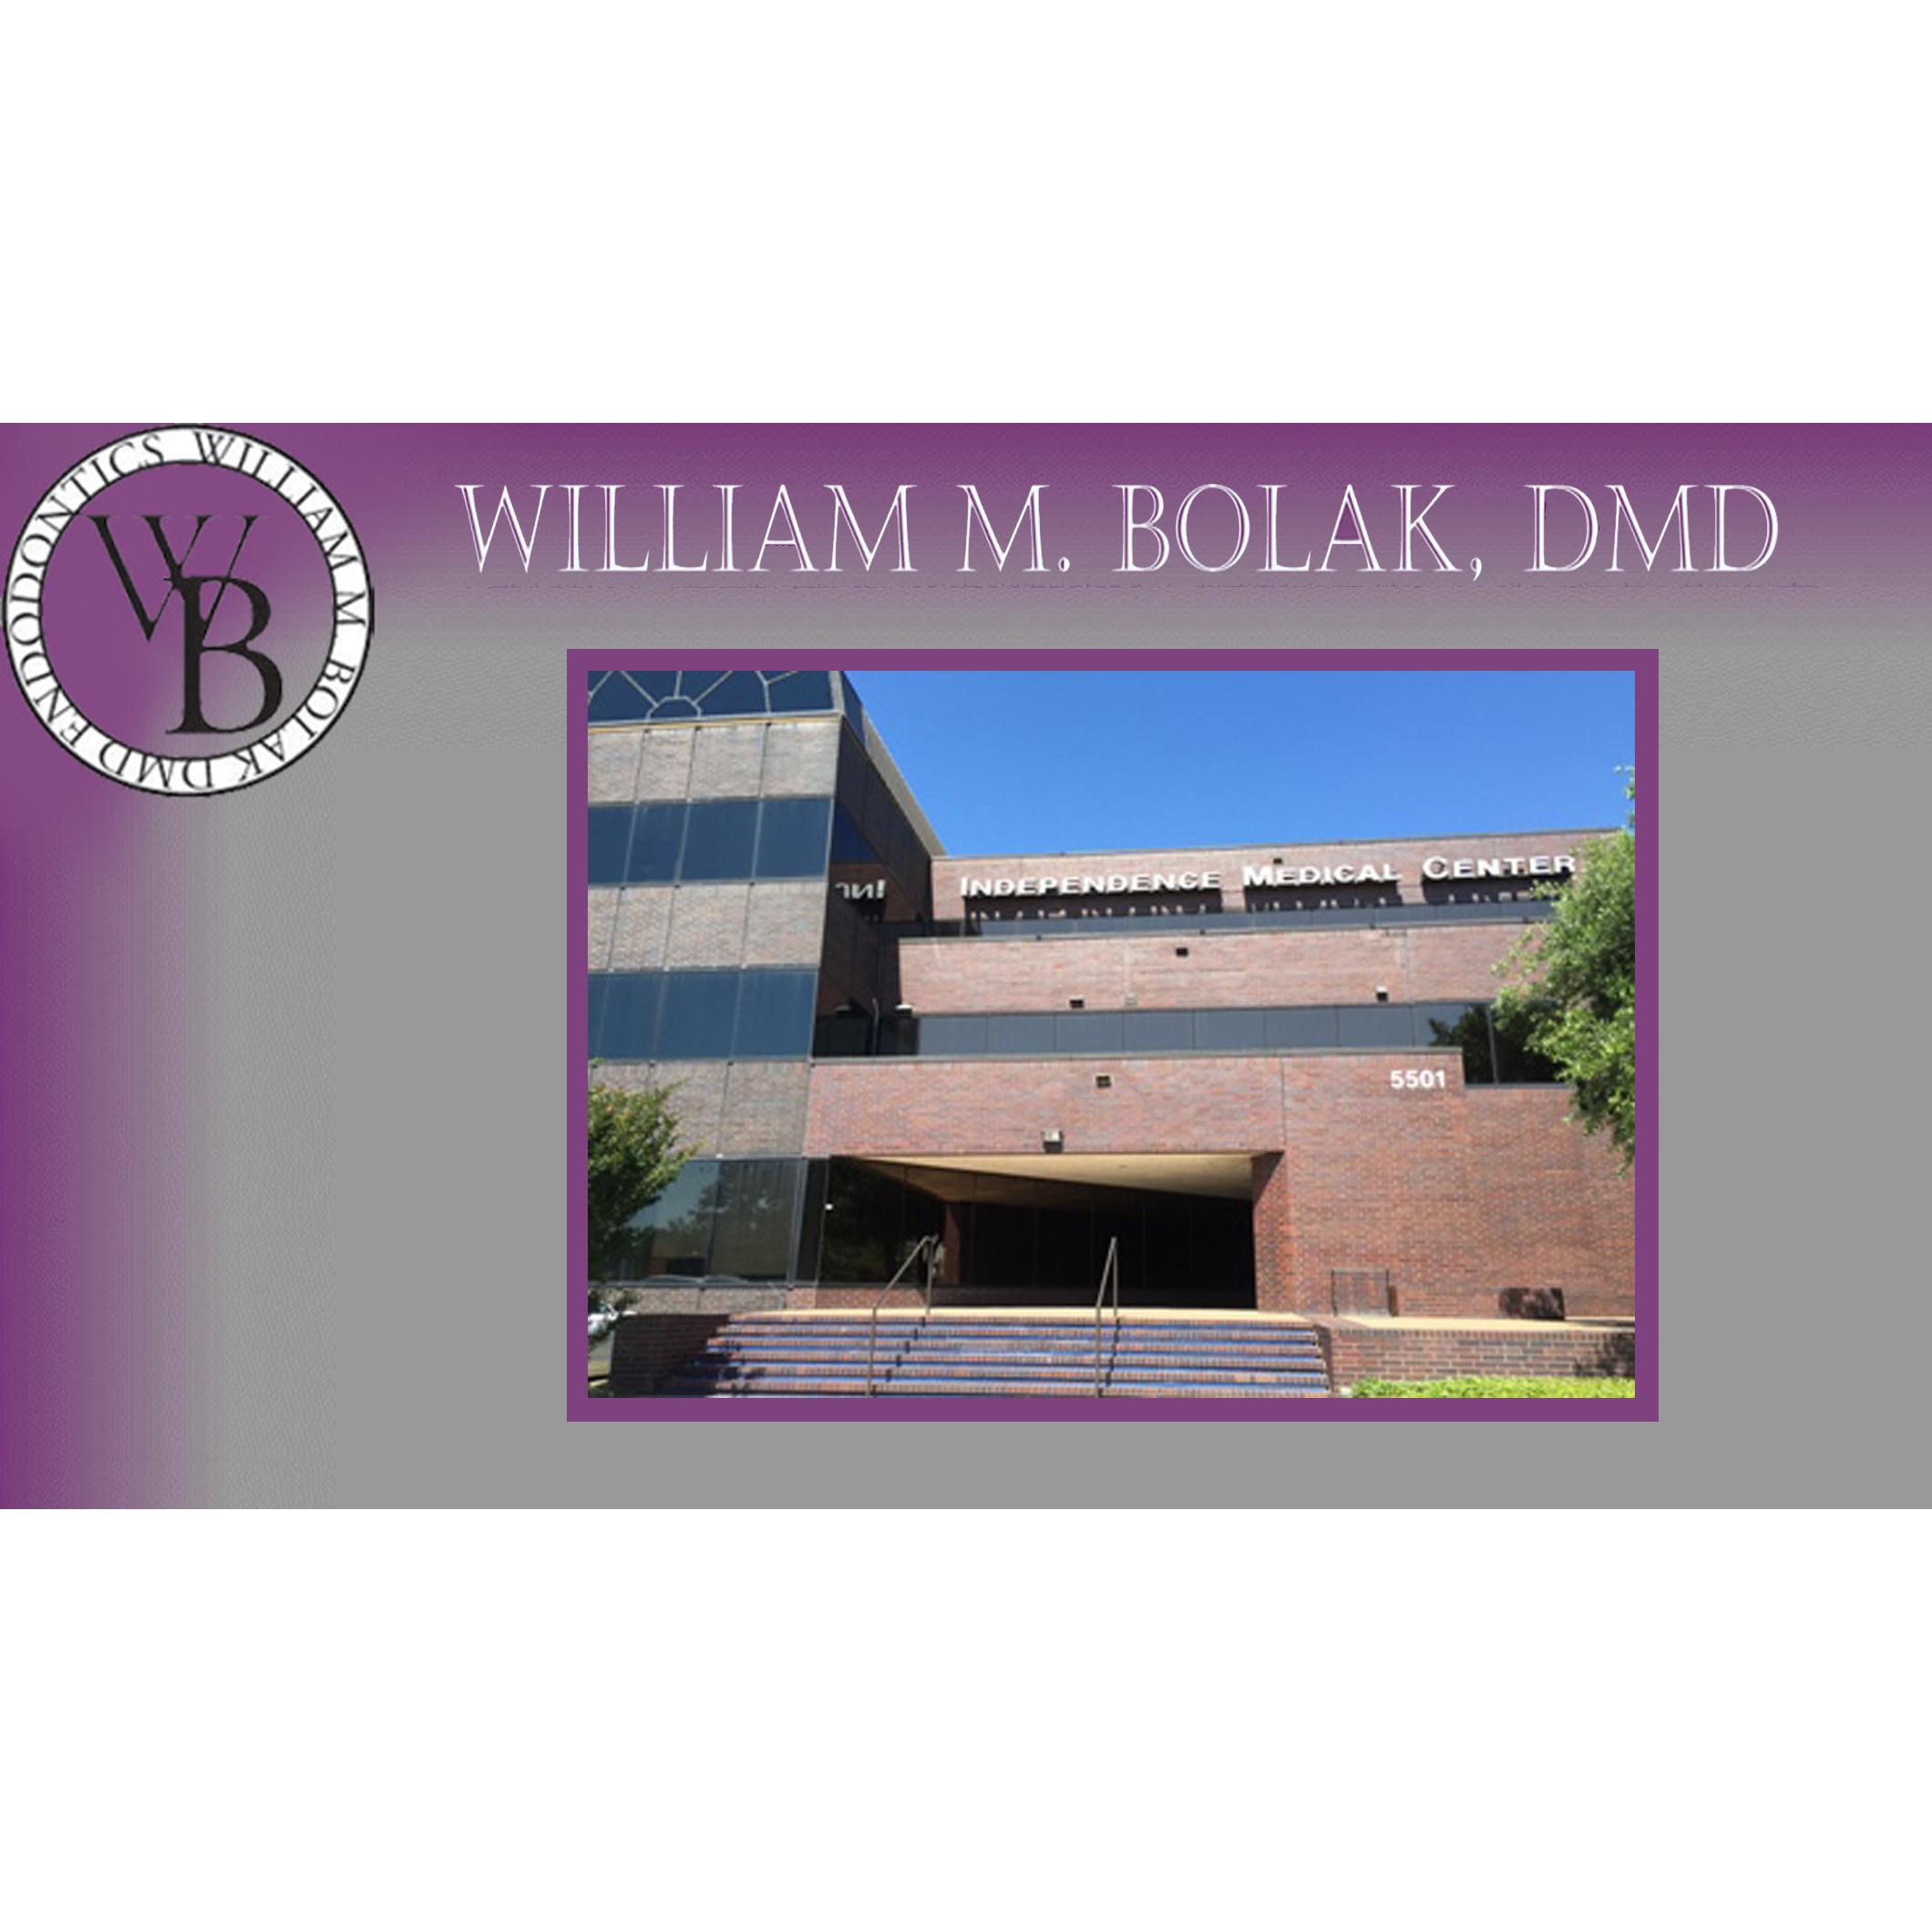 William M. Bolak, DMD